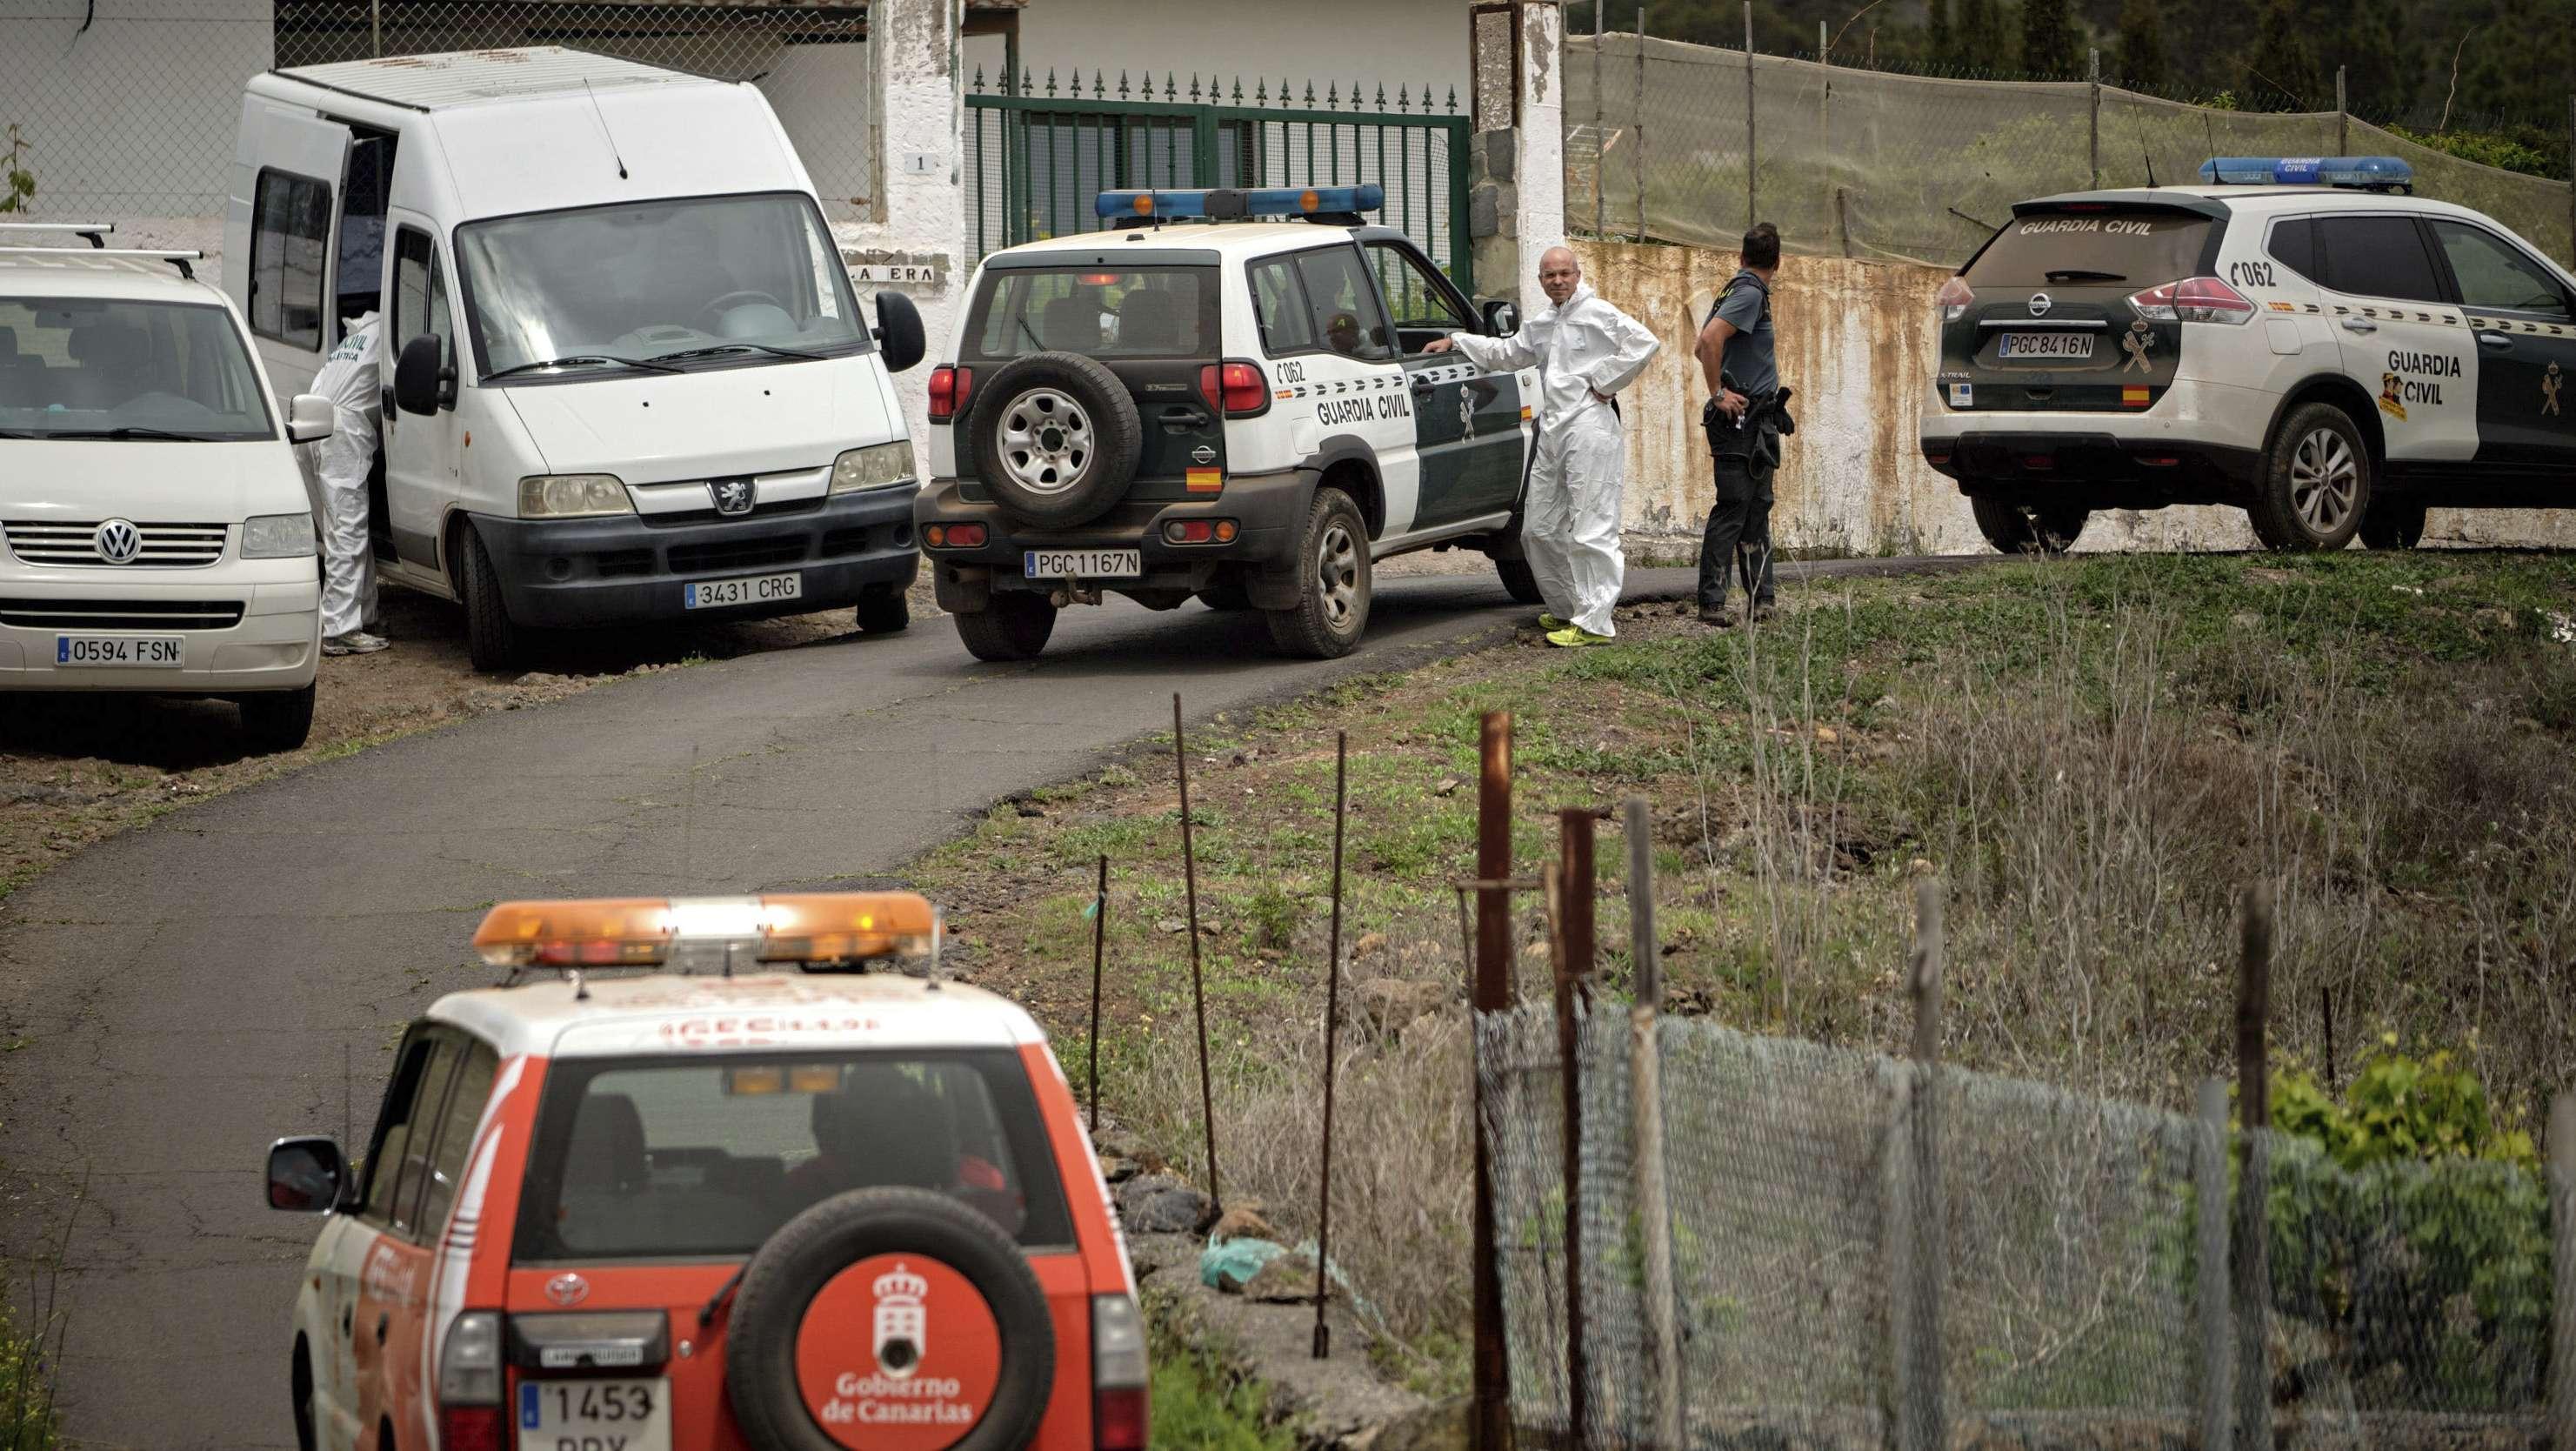 Spanien, Santa Cruz de Tenerife: Polizisten und Mitglieder der Guardia Civil stehen bei einer Suchaktion in einer Straße, die zu einer Höhle führt. Eine als vermisst gemeldete Deutsche Frau und ihr Sohn wurden in der Höhle nahe der Gemeinde Adeje tot gefunden.